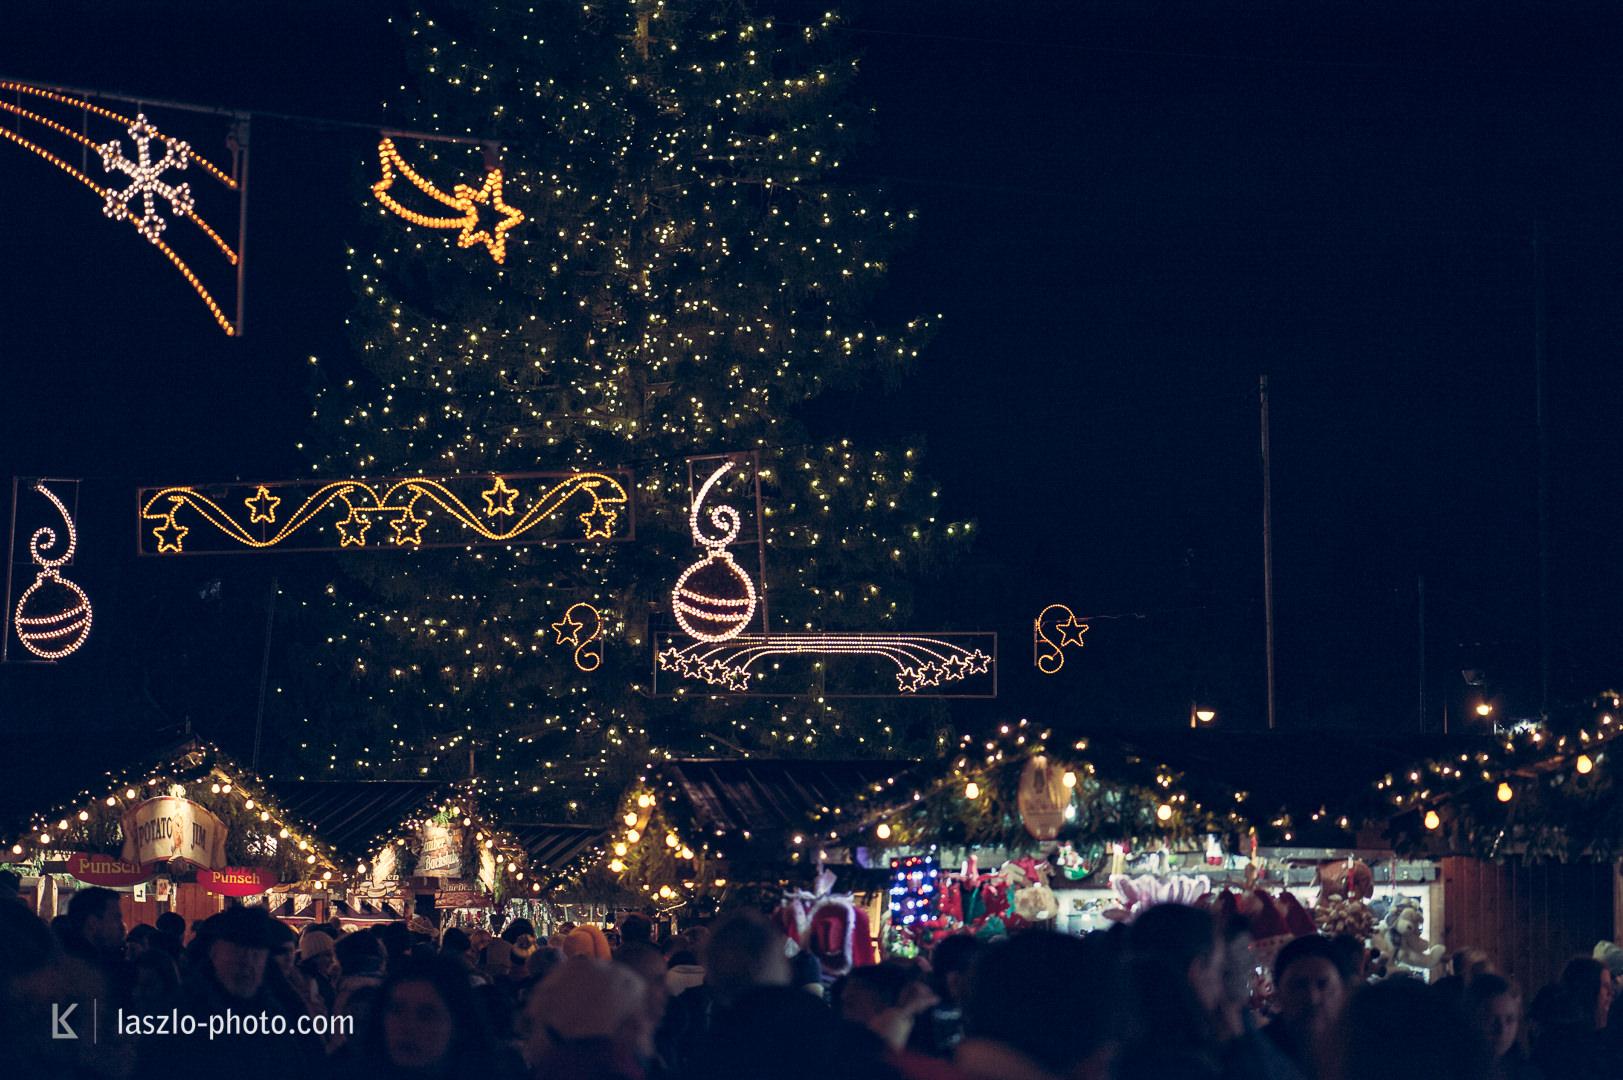 20161209_Weihnachten_Christkindlmarkt-4797